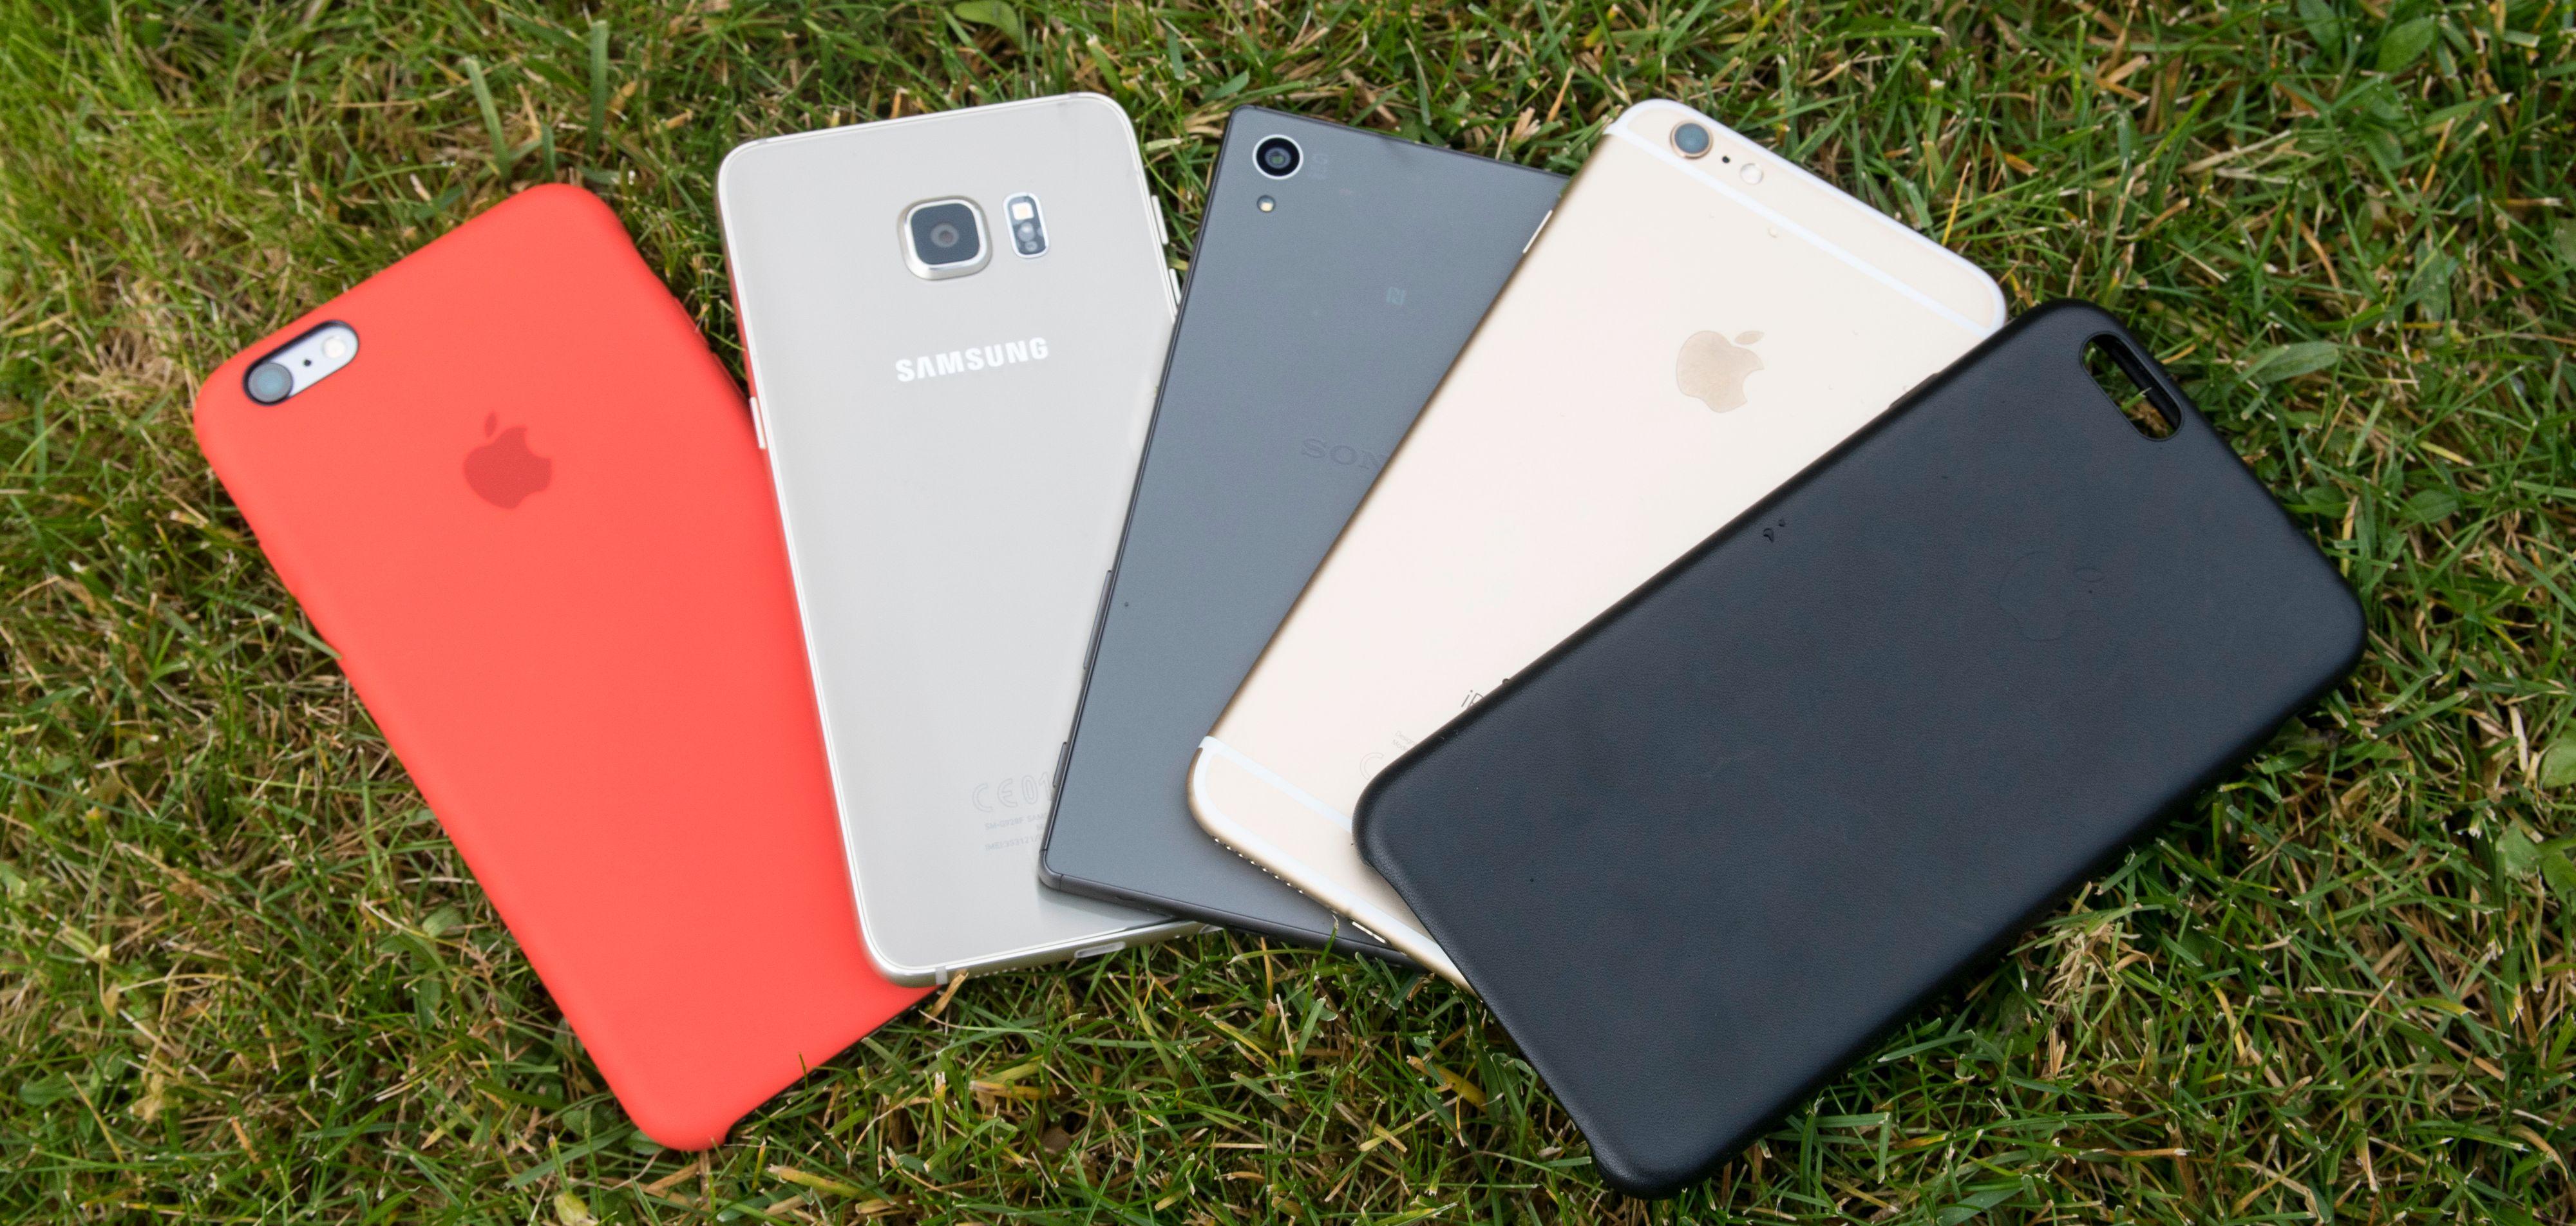 Her er et knippe topptelefoner. Fra venstre: iPhone 6S Plus i deksel, Galaxy S6 Edge+, Sony Xperia Z5 og iPhone 6S Plus med svart deksel ved siden av. Foto: Finn Jarle Kvalheim, Tek.no